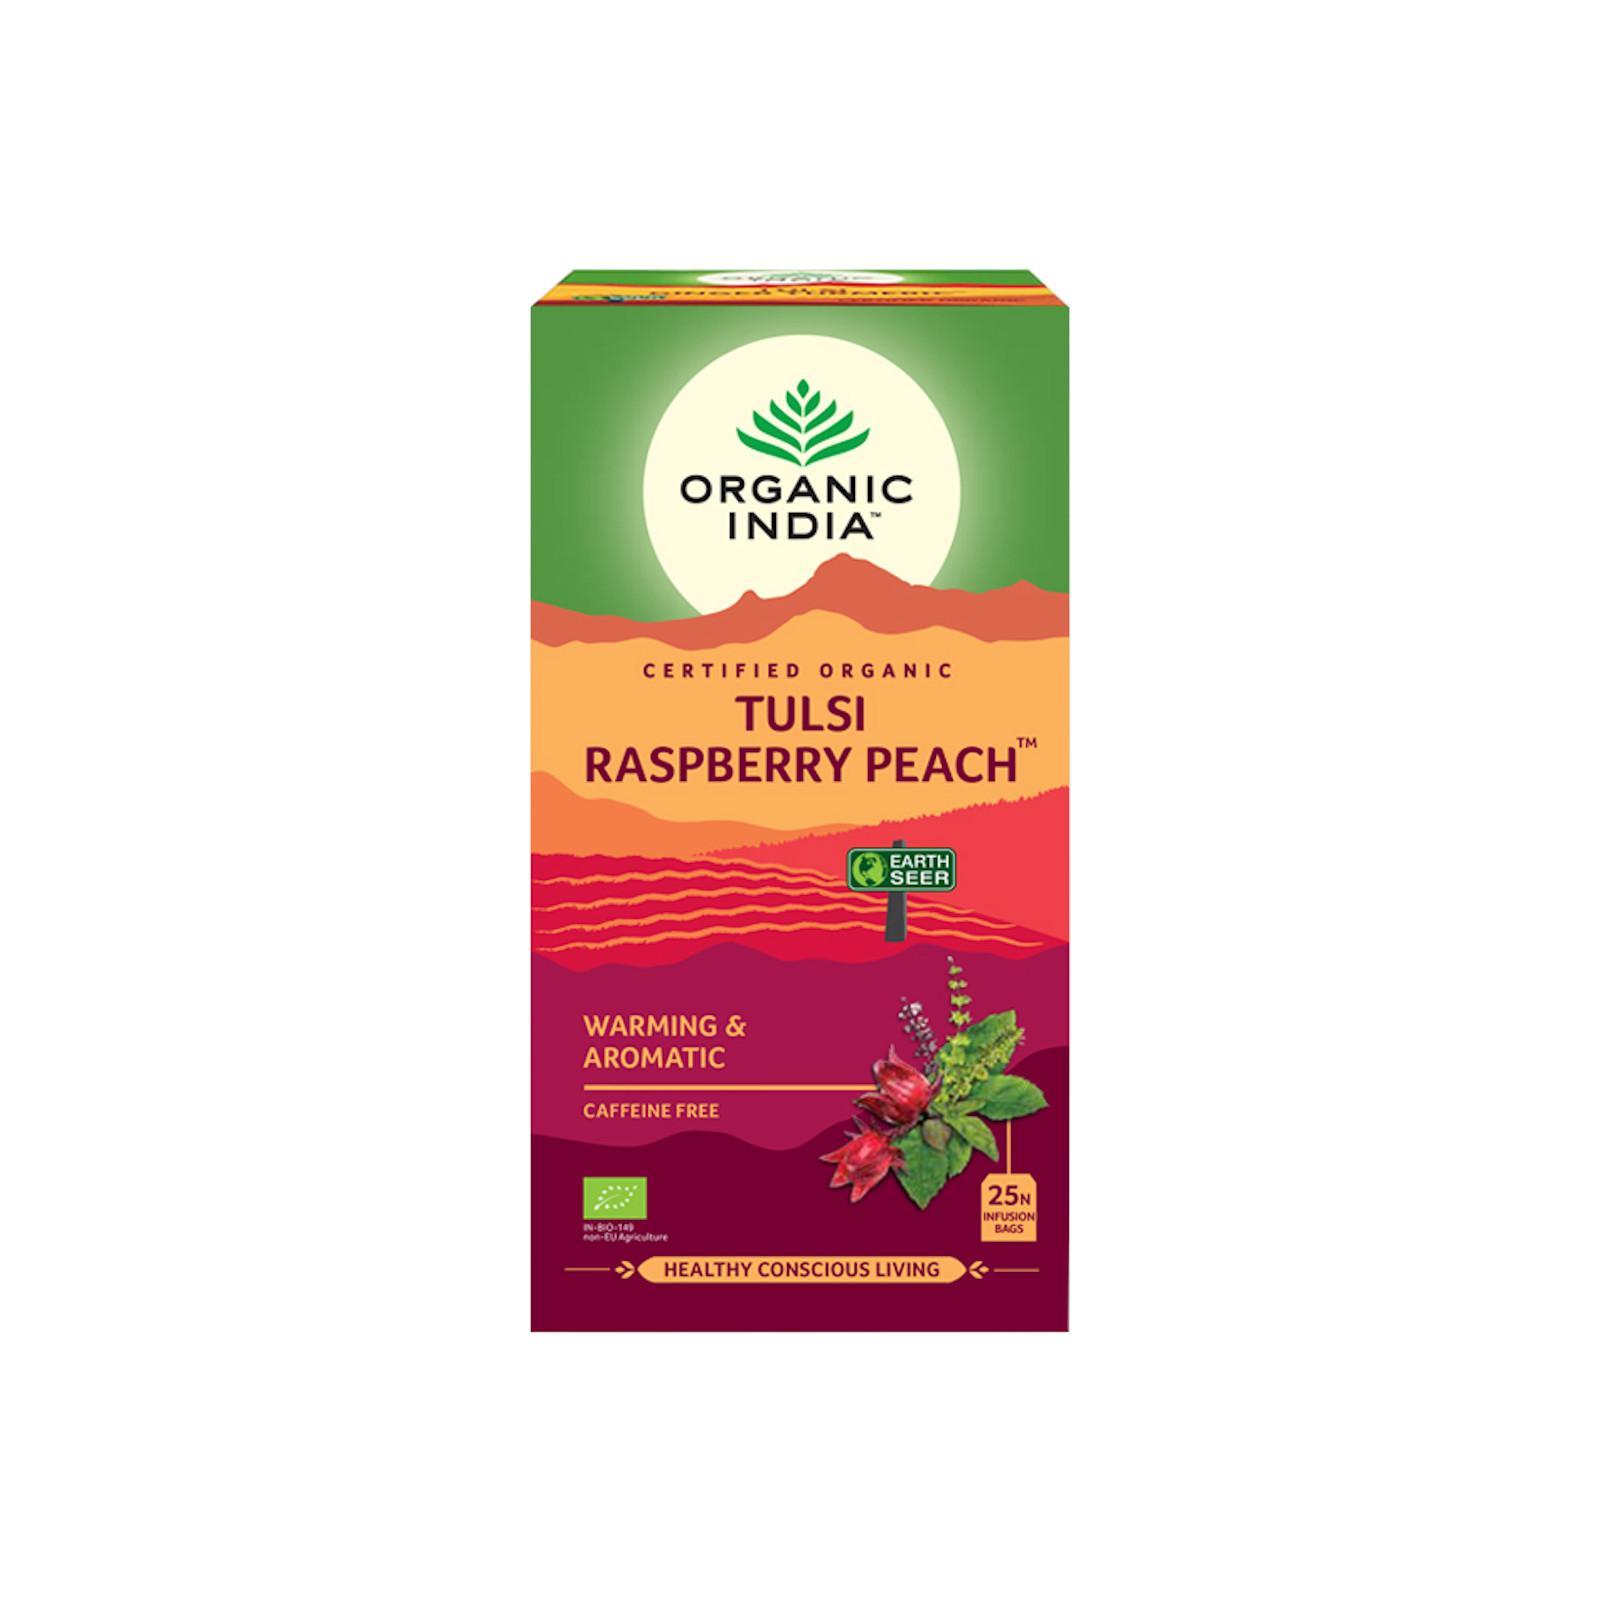 Organic India Čaj Tulsi Raspberry Peach, porcovaný 18 ks, 34,2 g